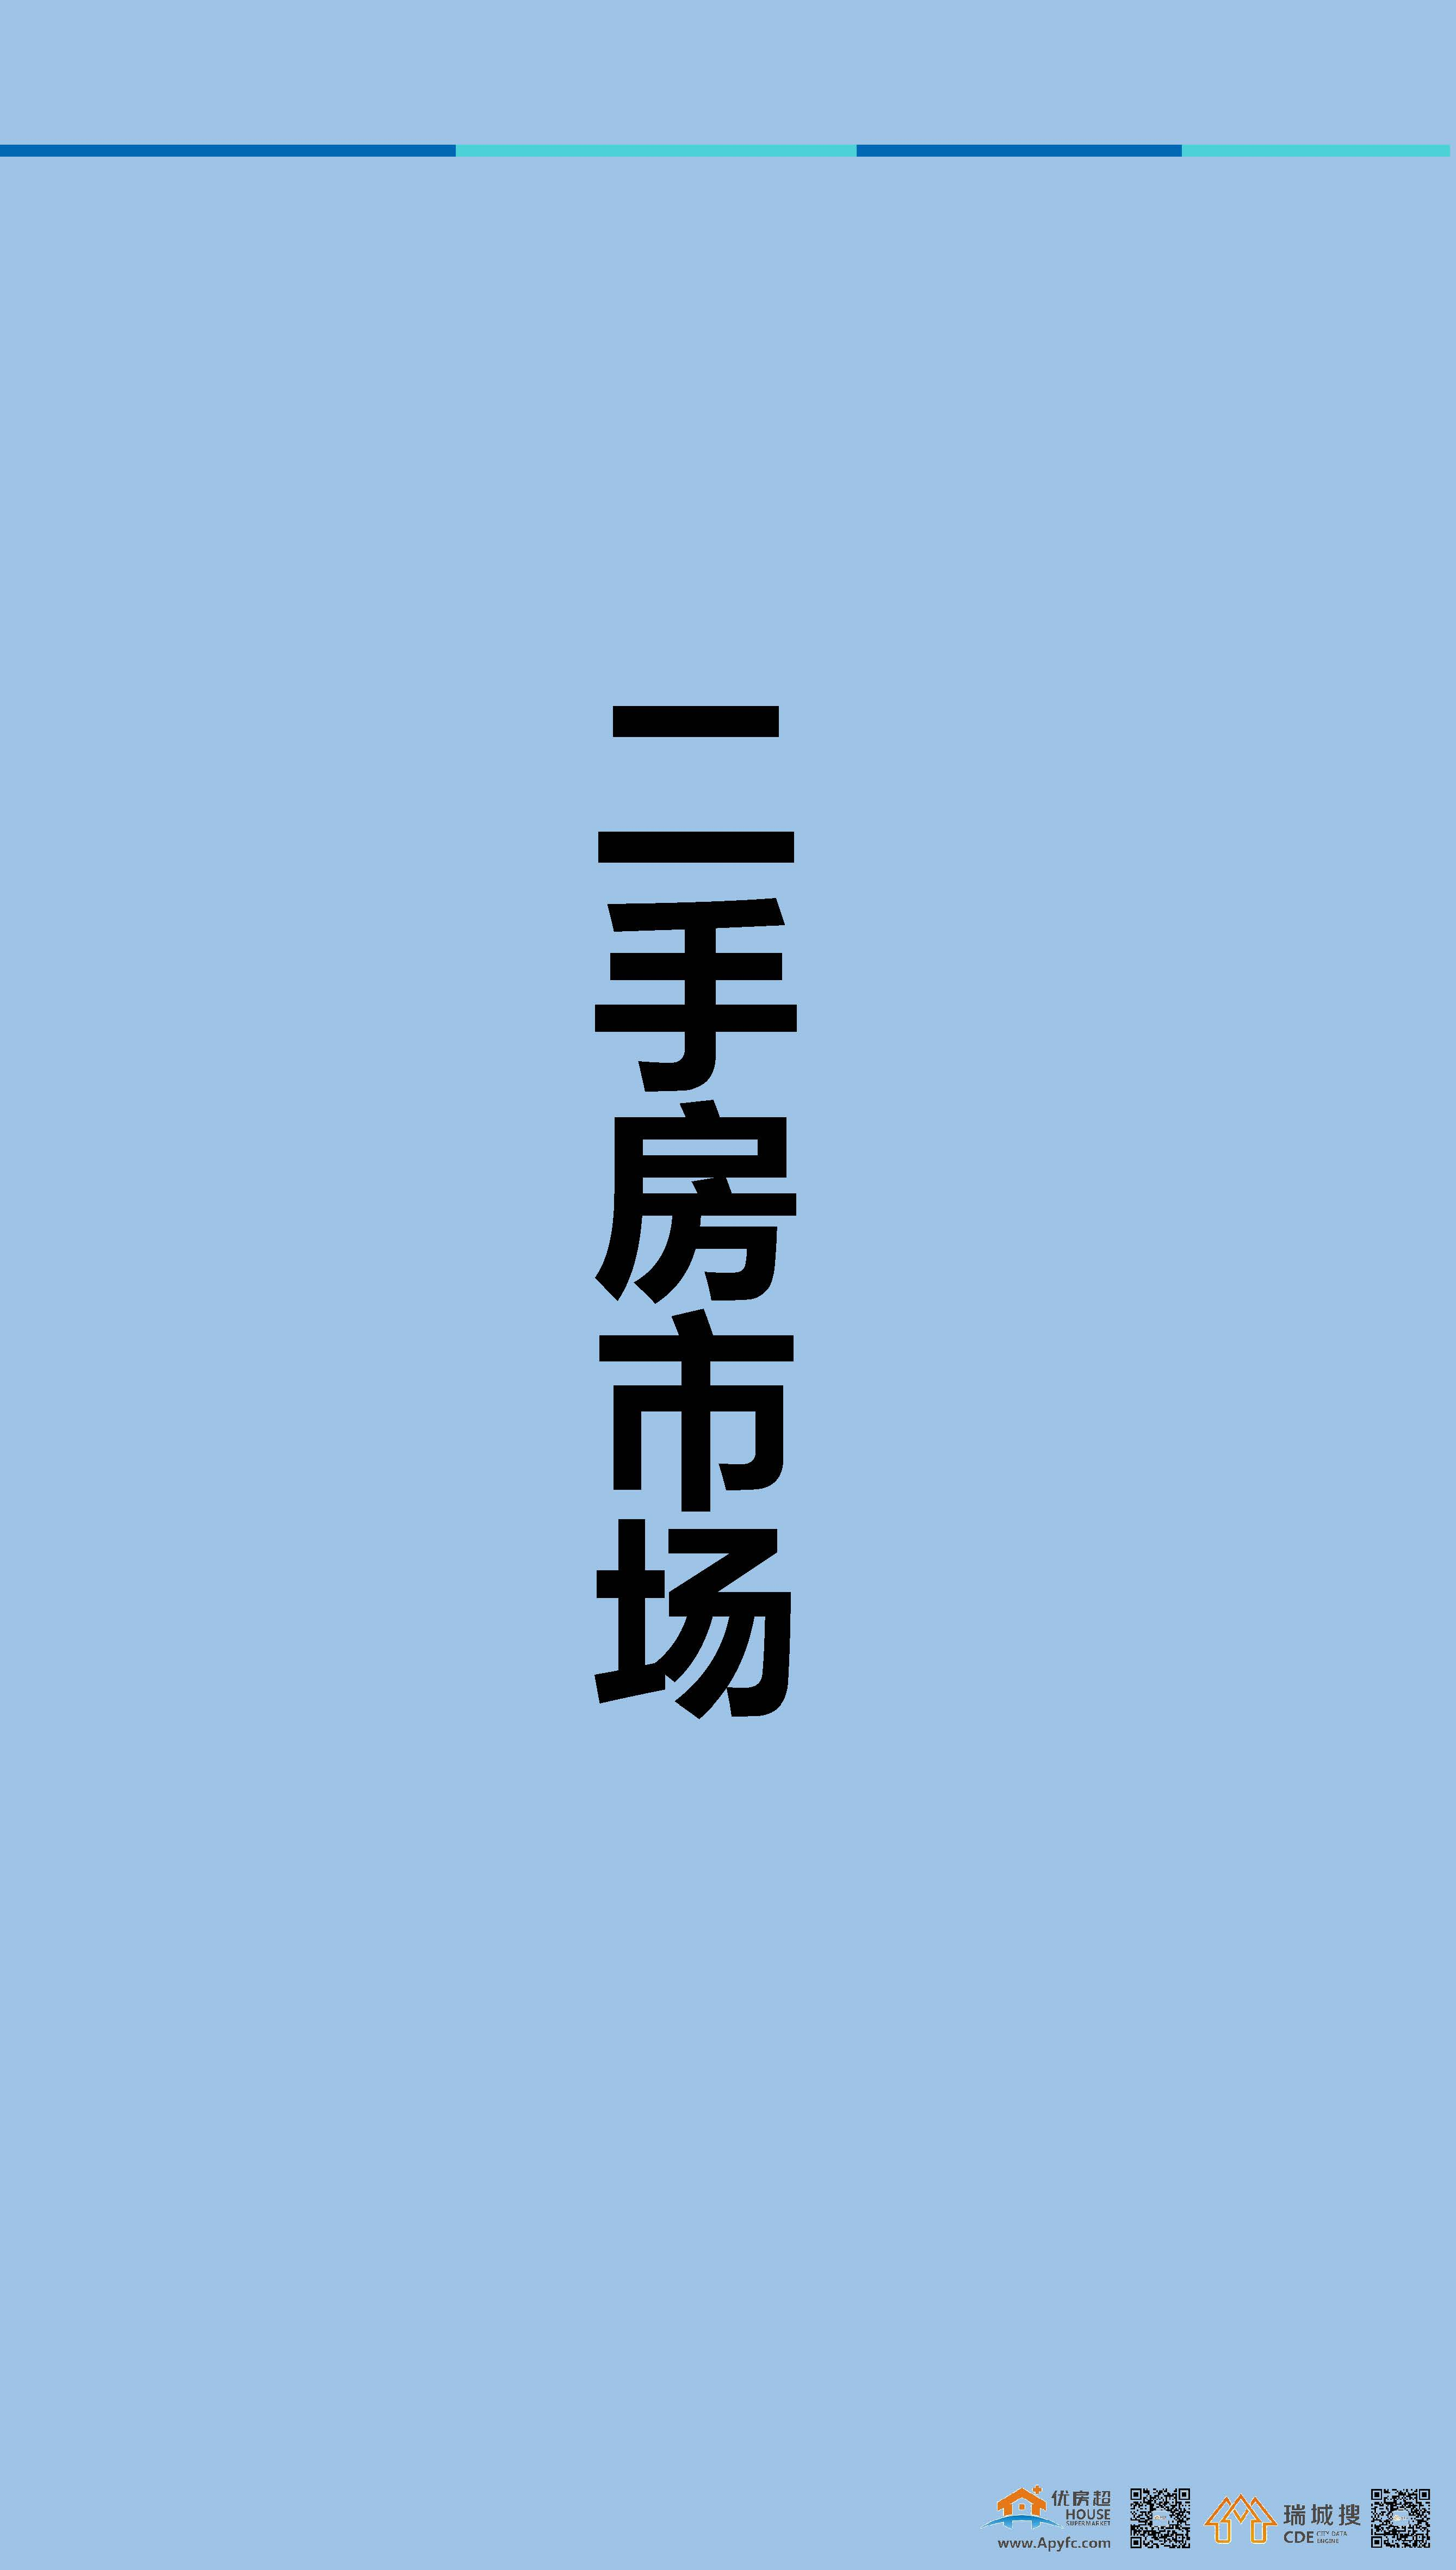 【优房超·东莞周报】2019年7月第一周东莞楼市报告_页面_15.jpg